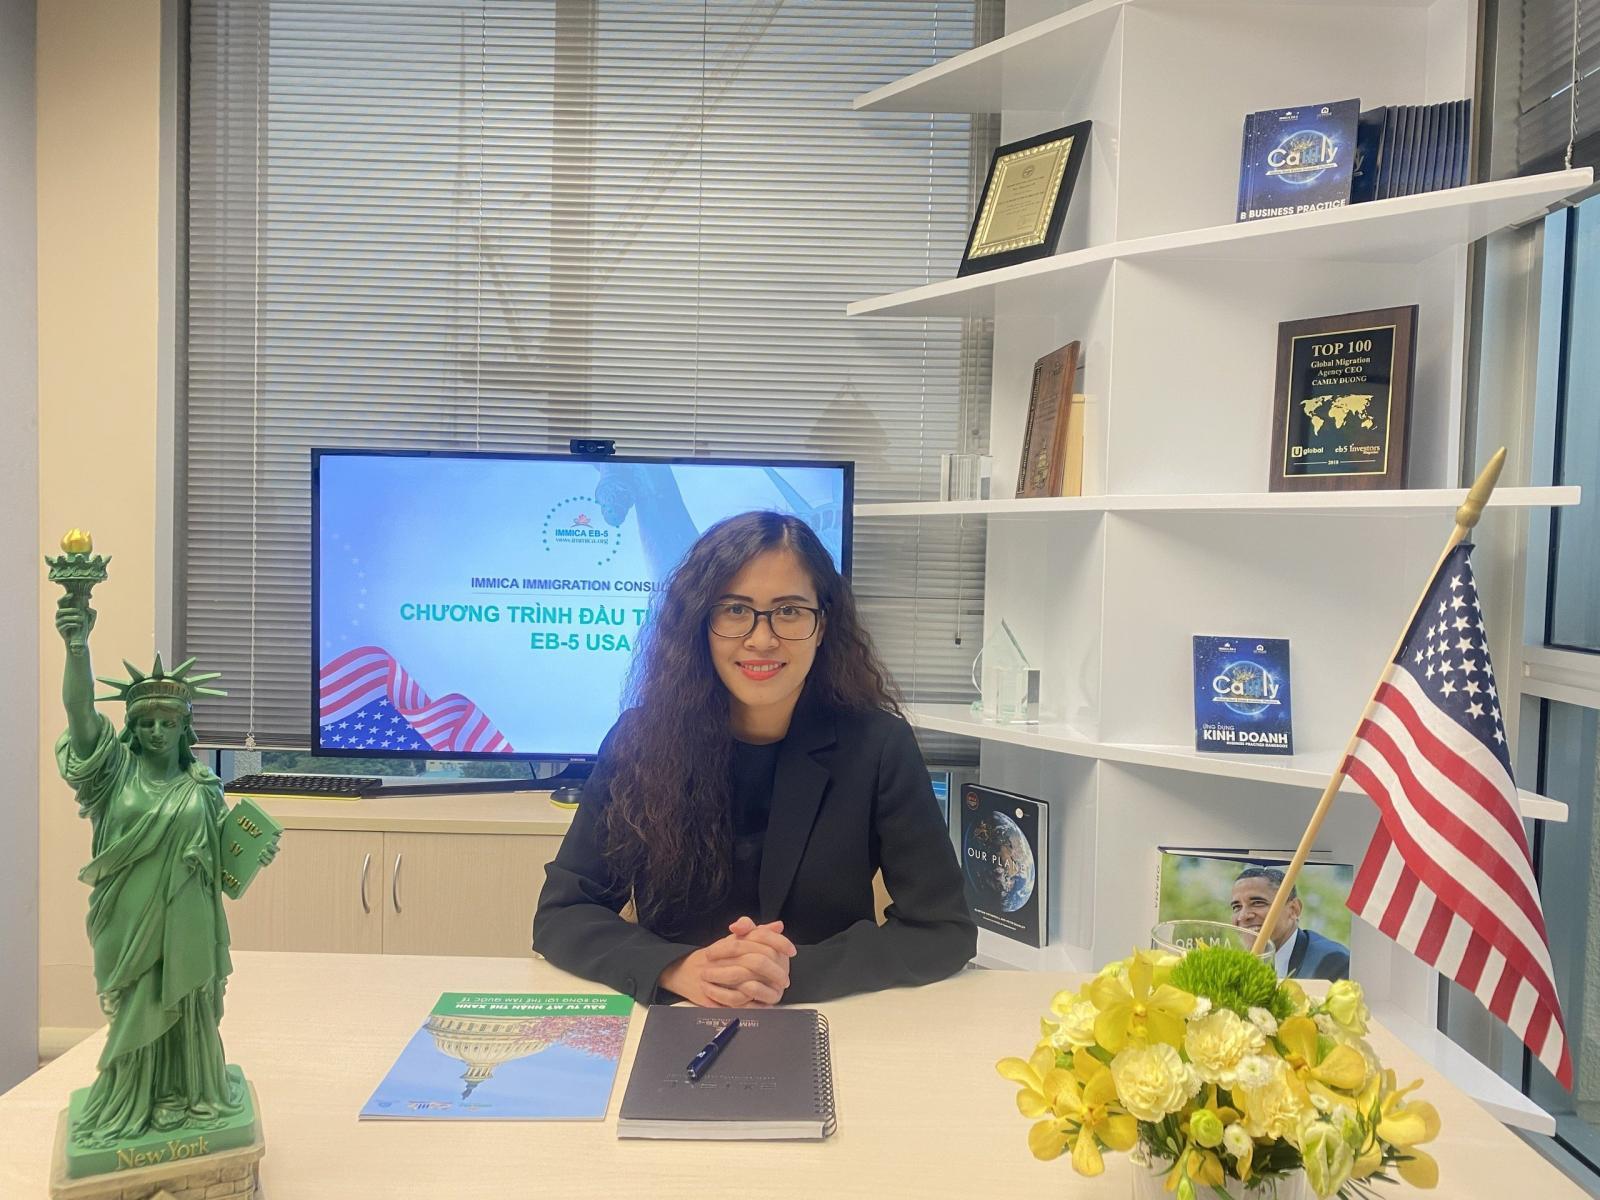 Ms. Nhài Nguyễn - Cố vấn đầu tư Immica tại bàn làm việc